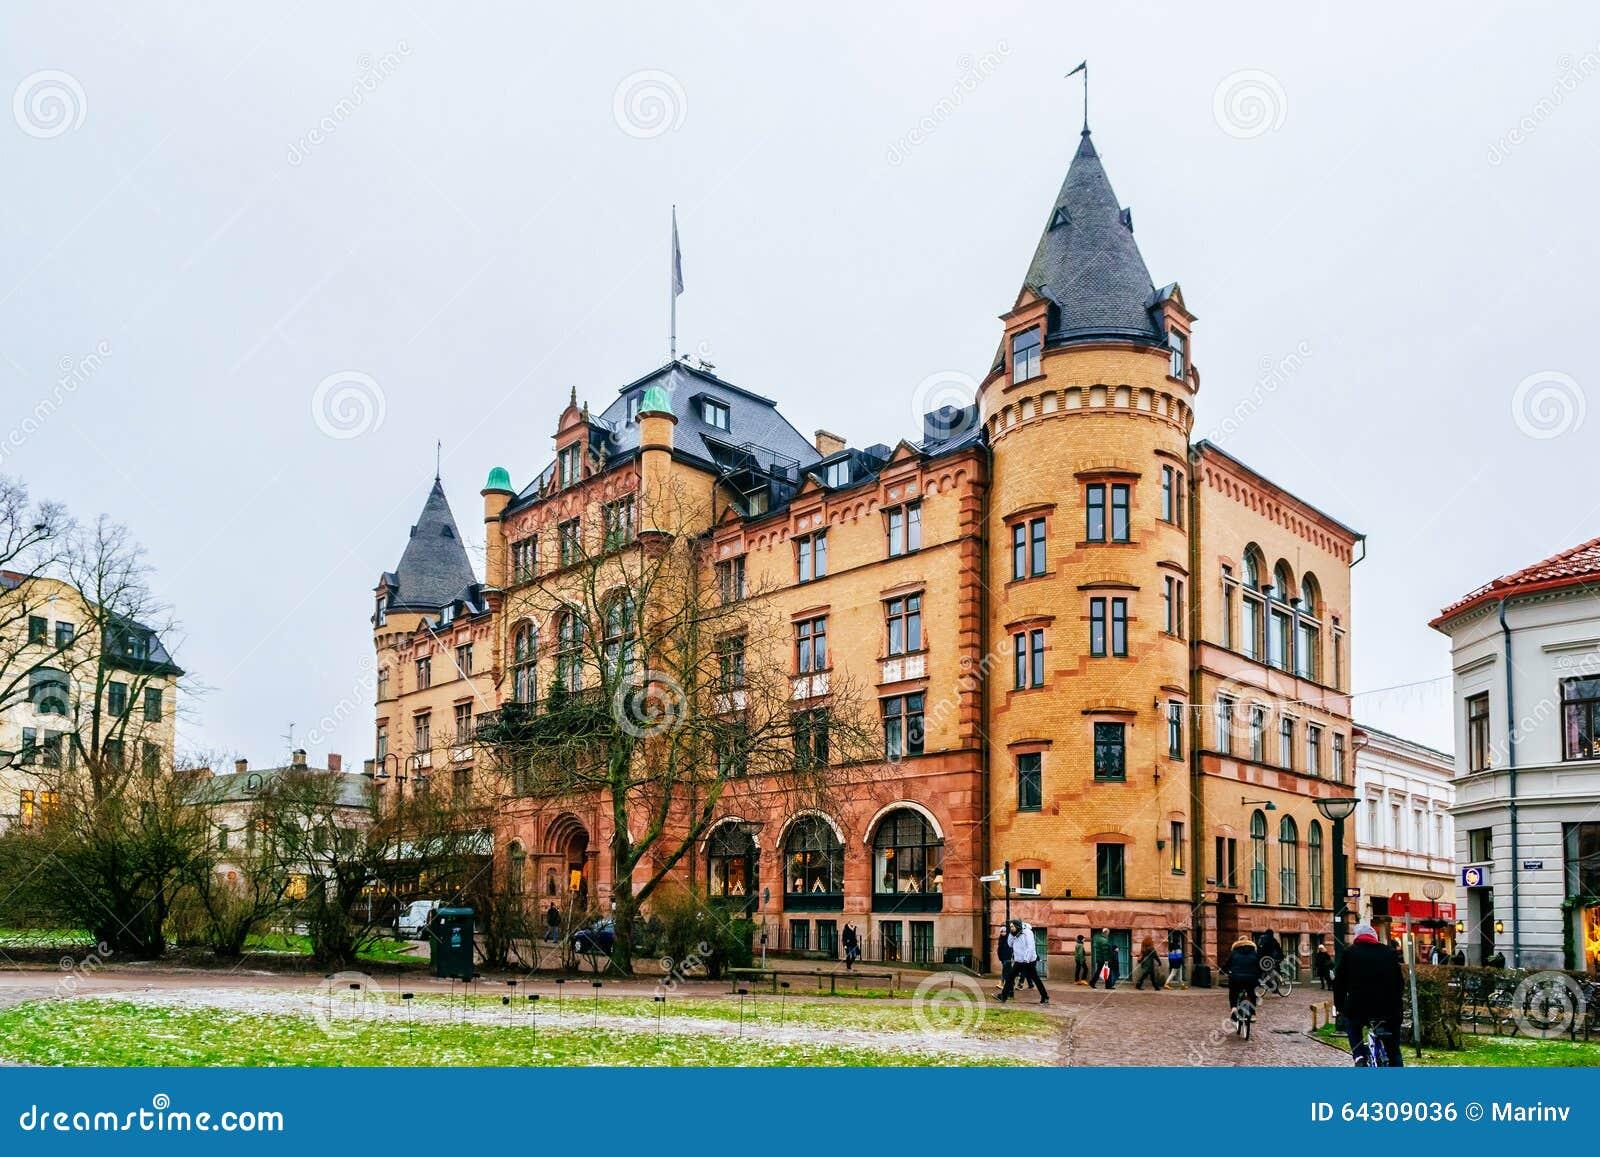 Réservez à lhôtel Grand Hotel - Lund à prix réduit sur !